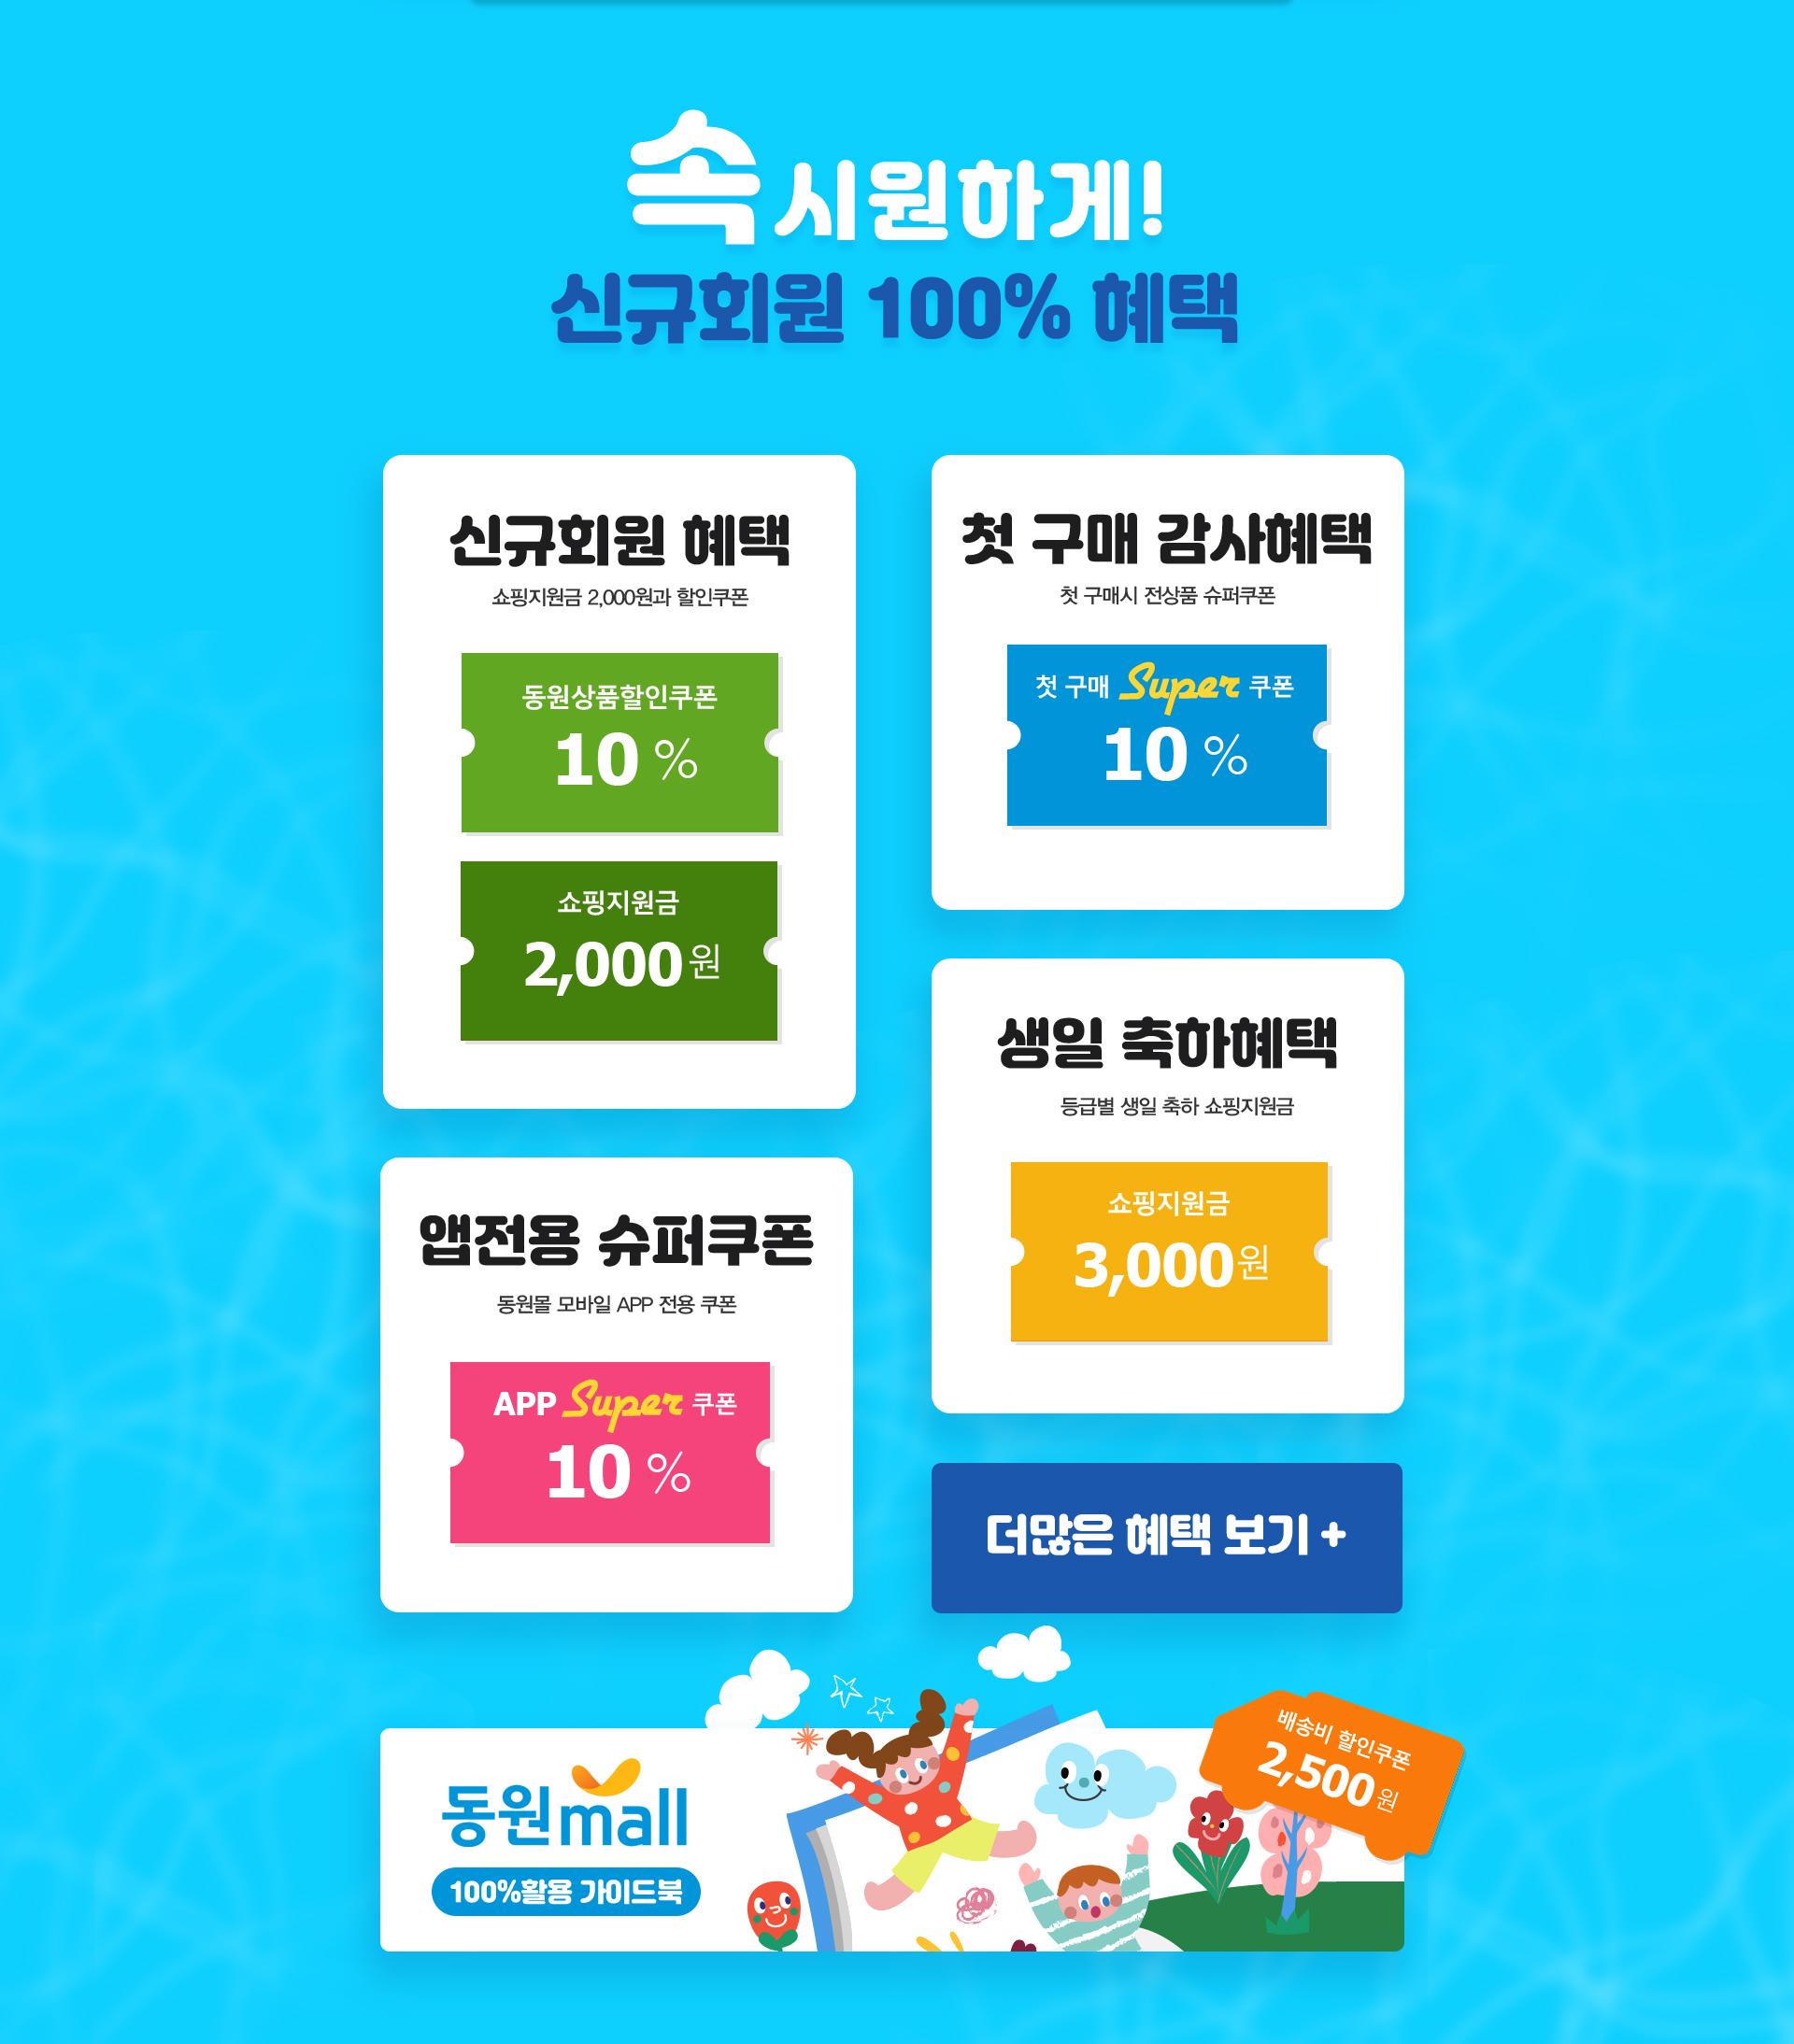 속시원하게 신규회원 100%혜택!.